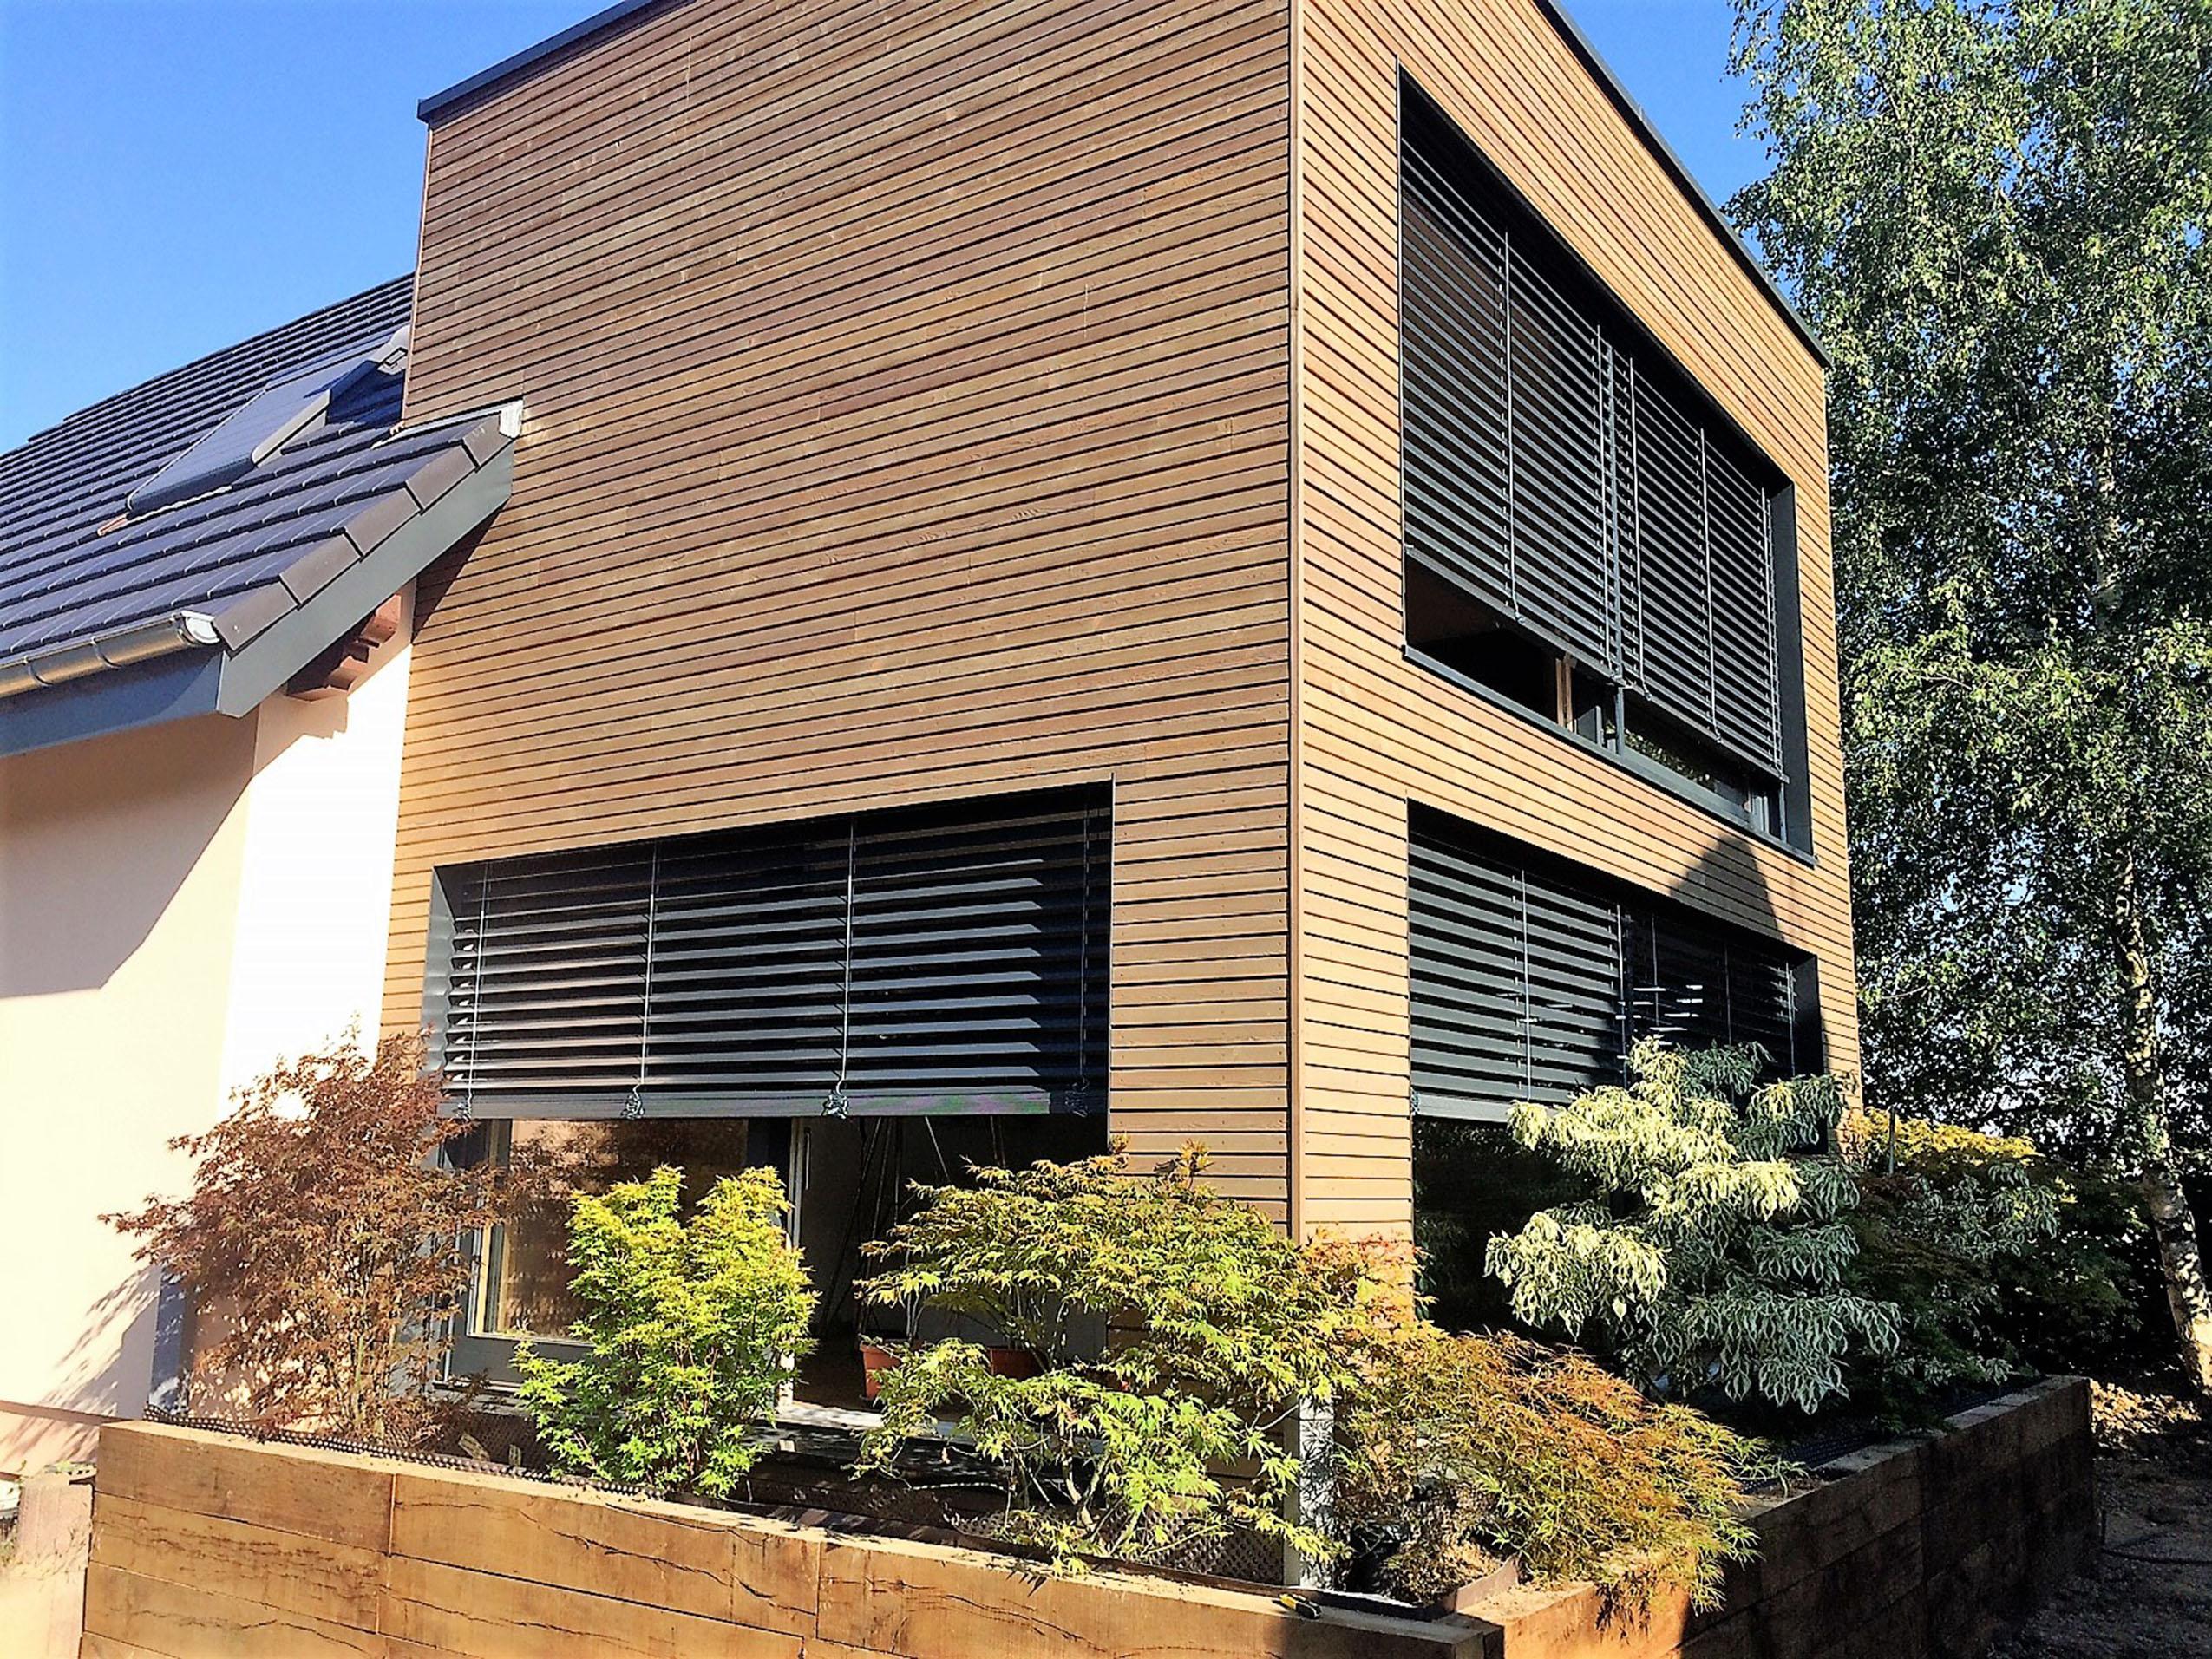 Un extension bois sur 2 niveaux bruebach maisons bois lutz for Extension bois 2 niveaux